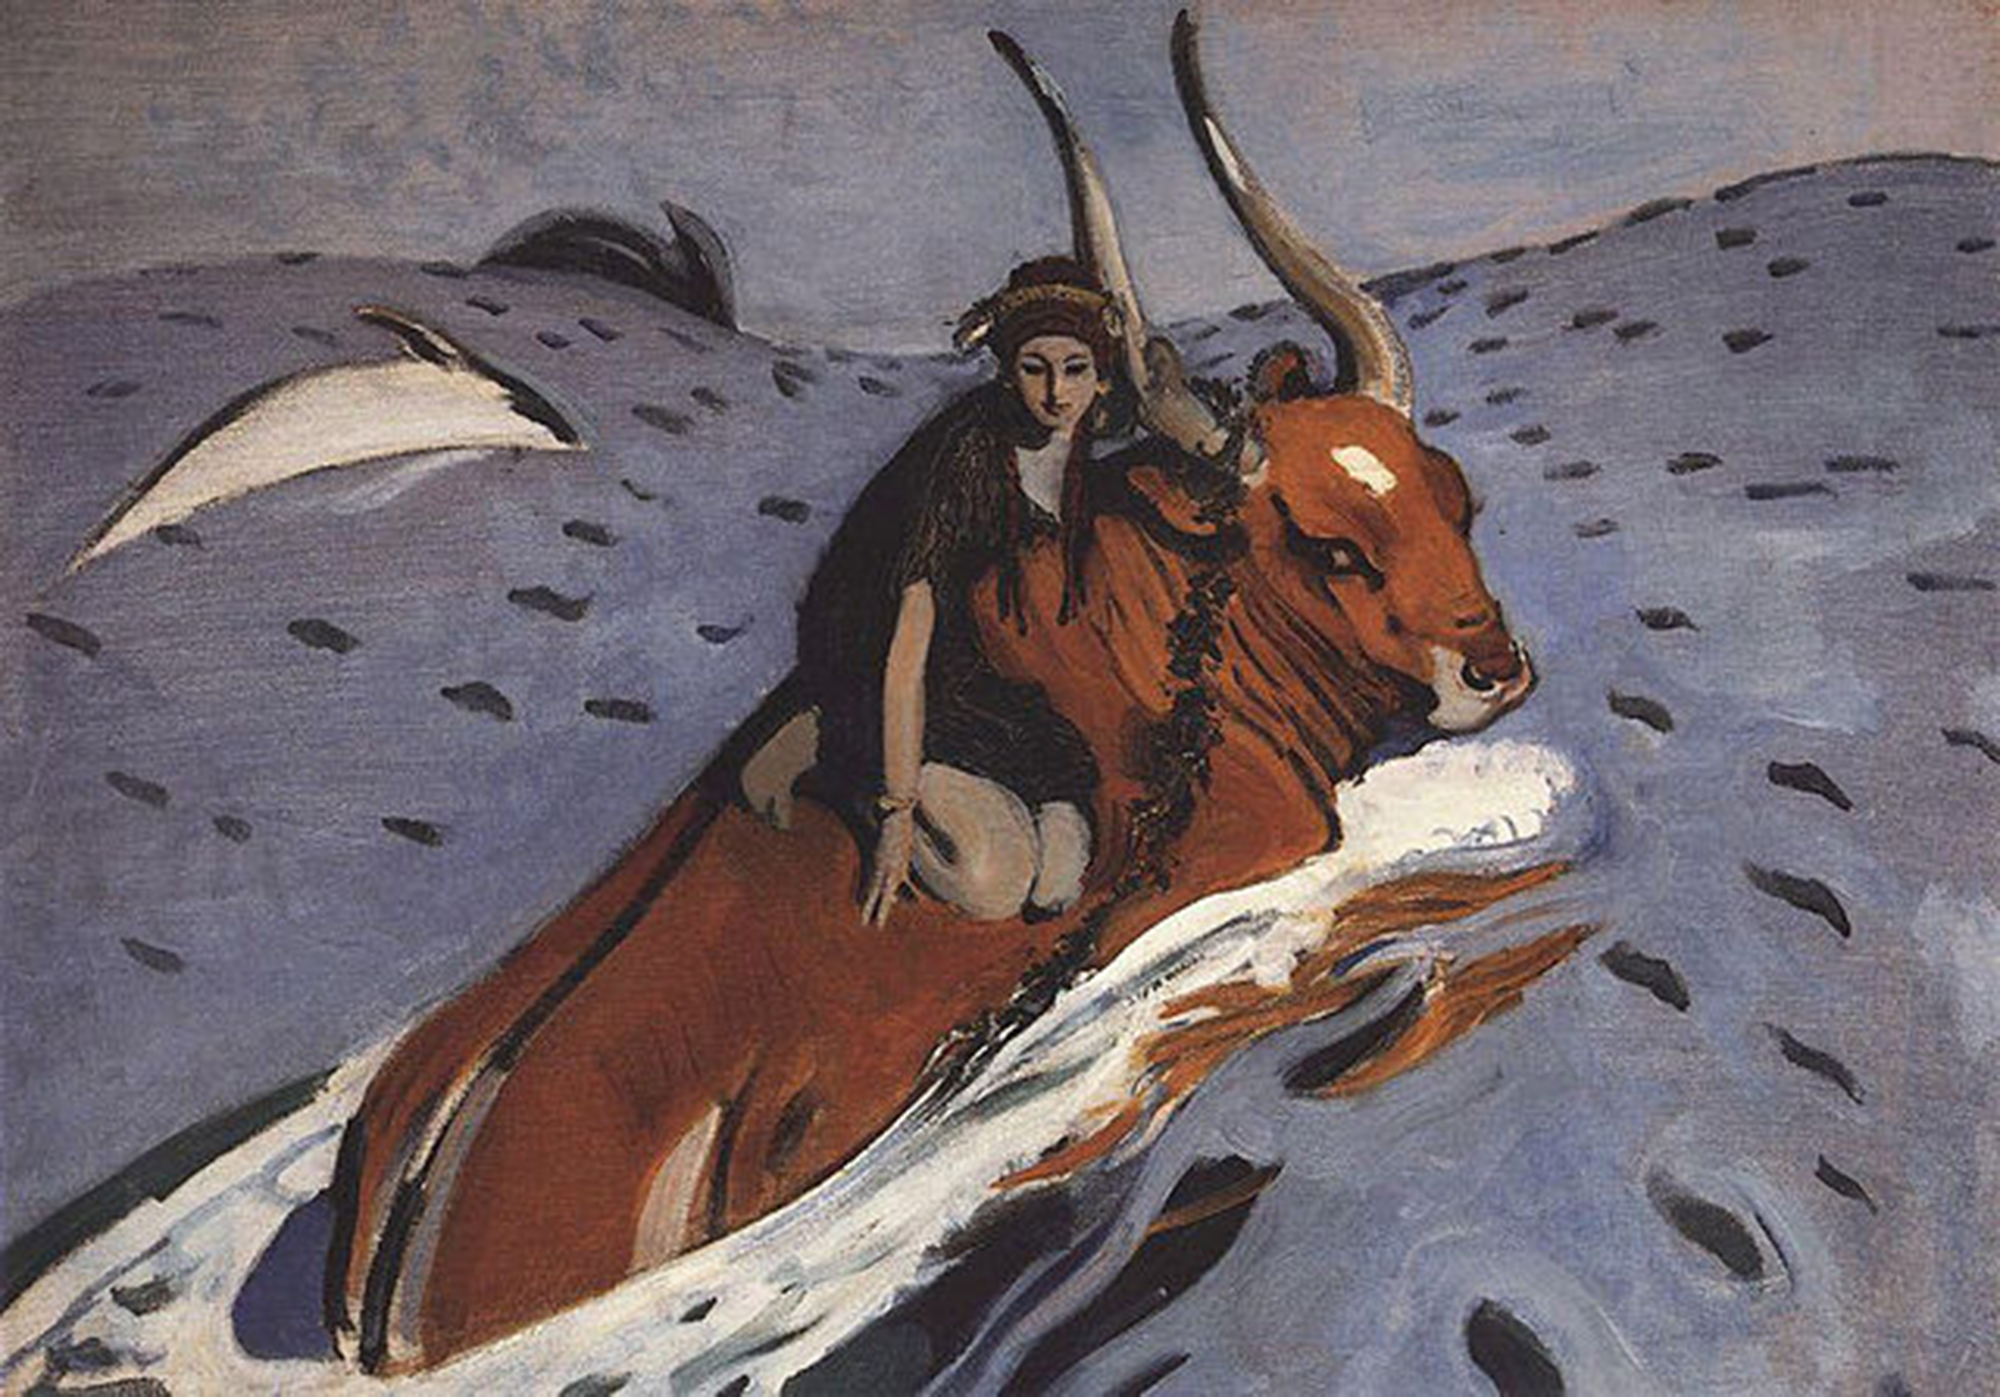 El rapto de Europa de Valentin Serov, 1910.